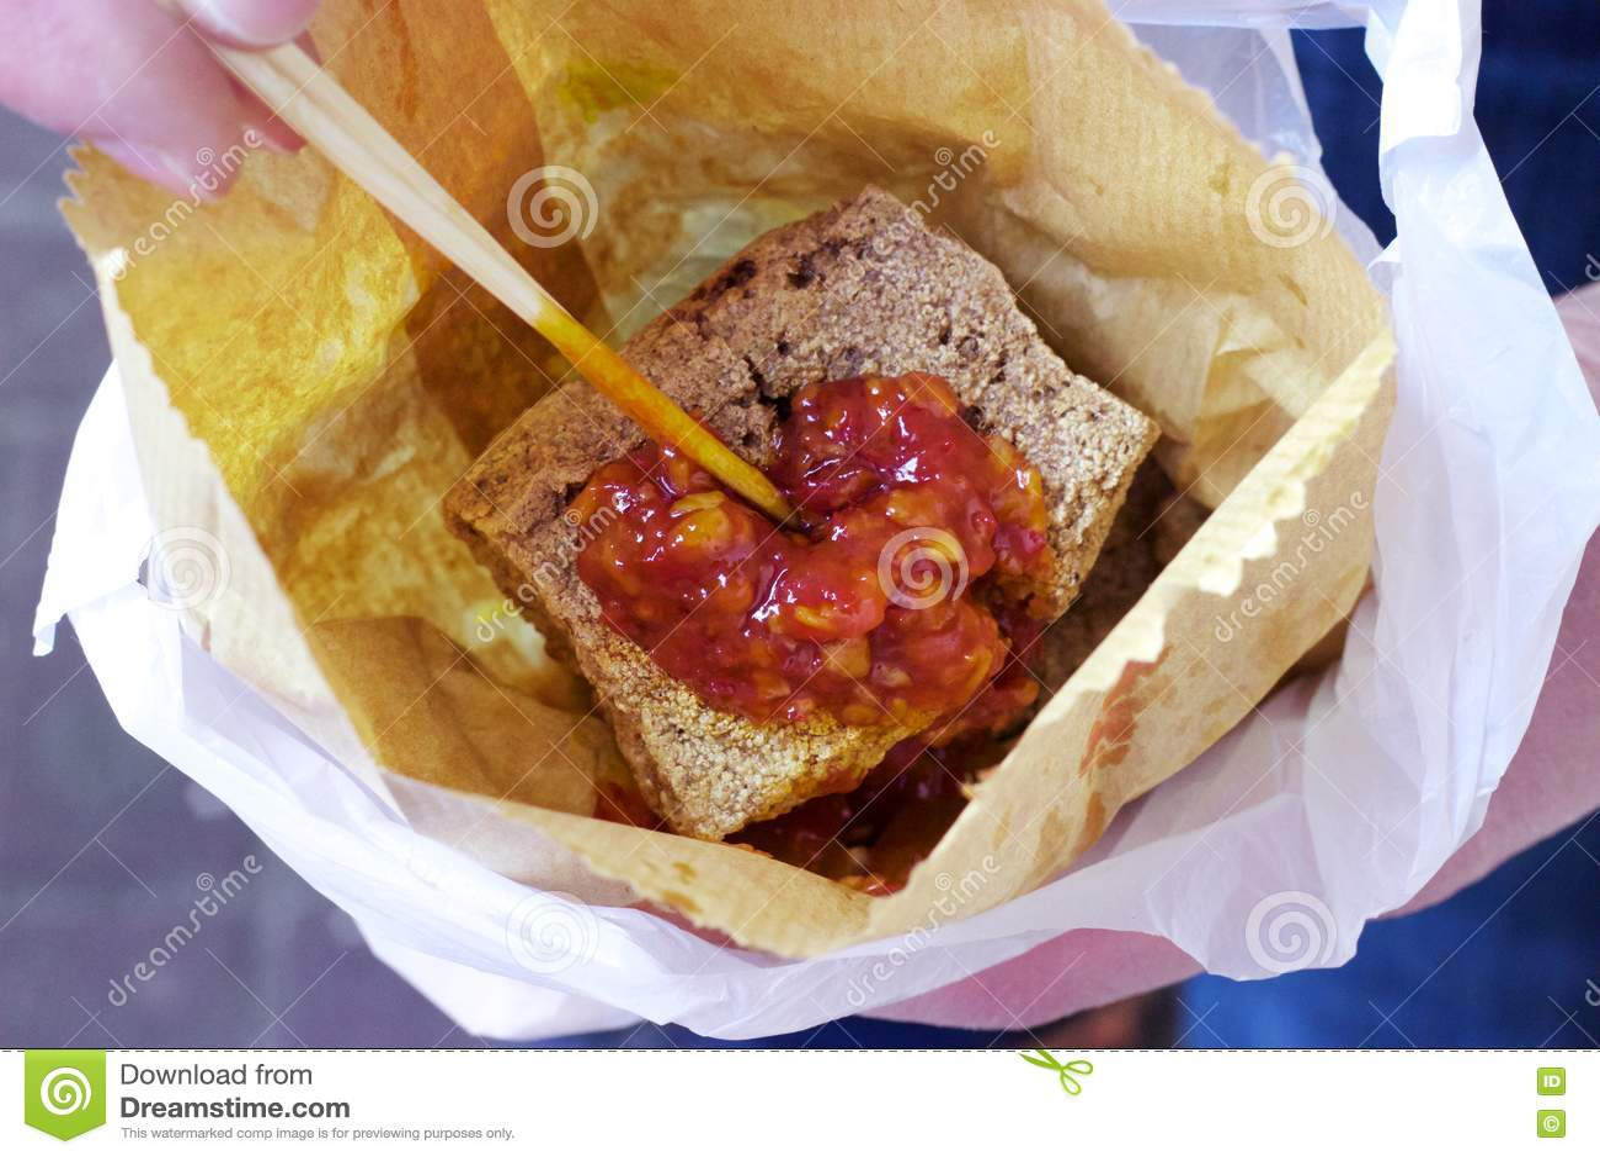 Comida de la calle de Hong Kong: Queso de soja Stinky, salsa de chile, bolsa de papel